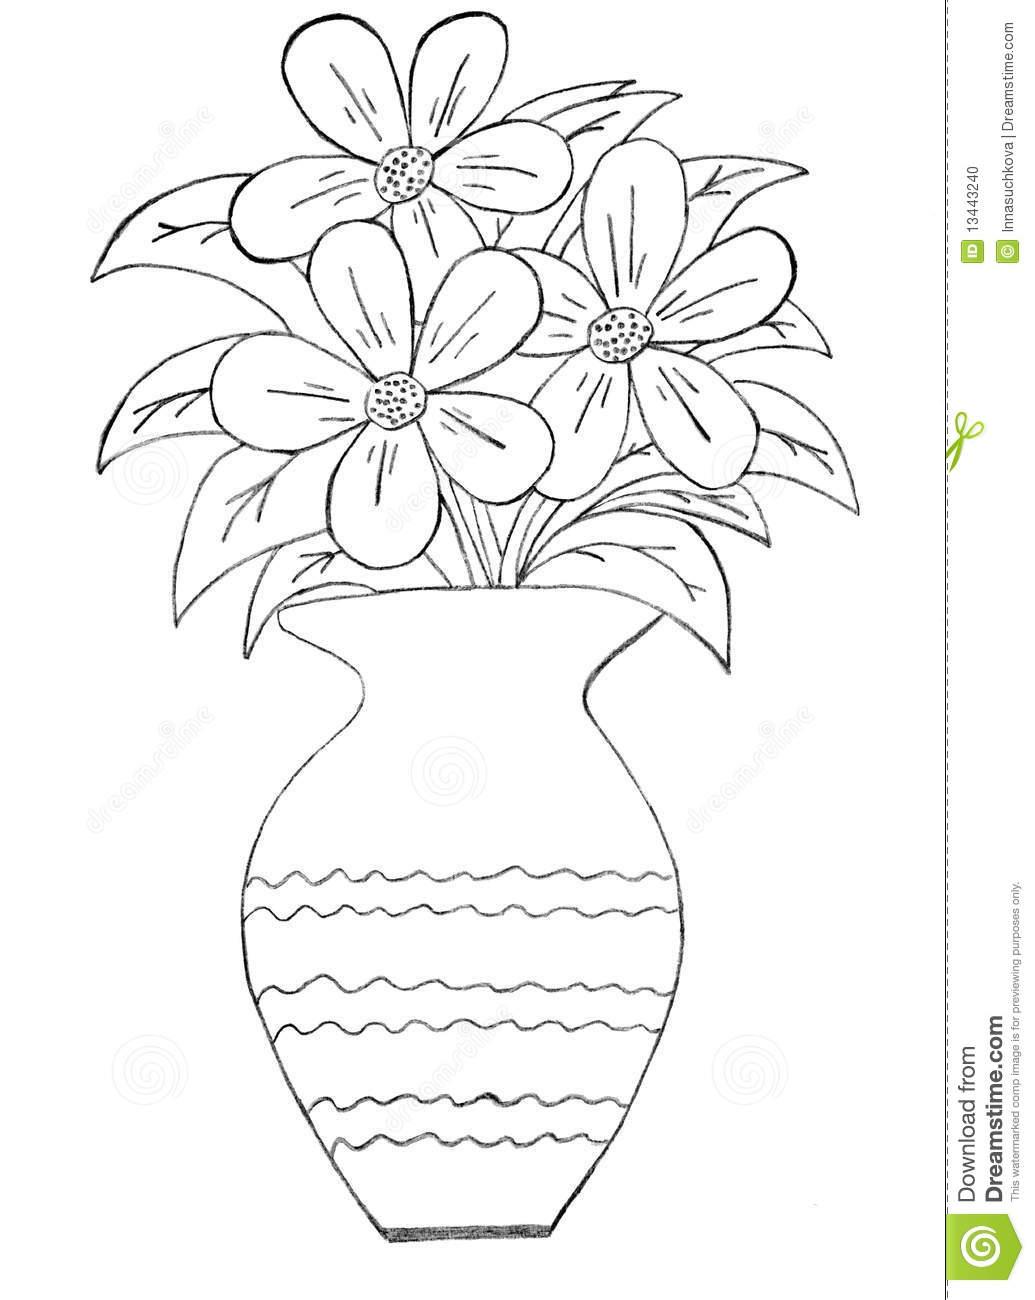 1035x1300 Outline Picture Of Flower Vase Pencil Sketch Of Flower Vase